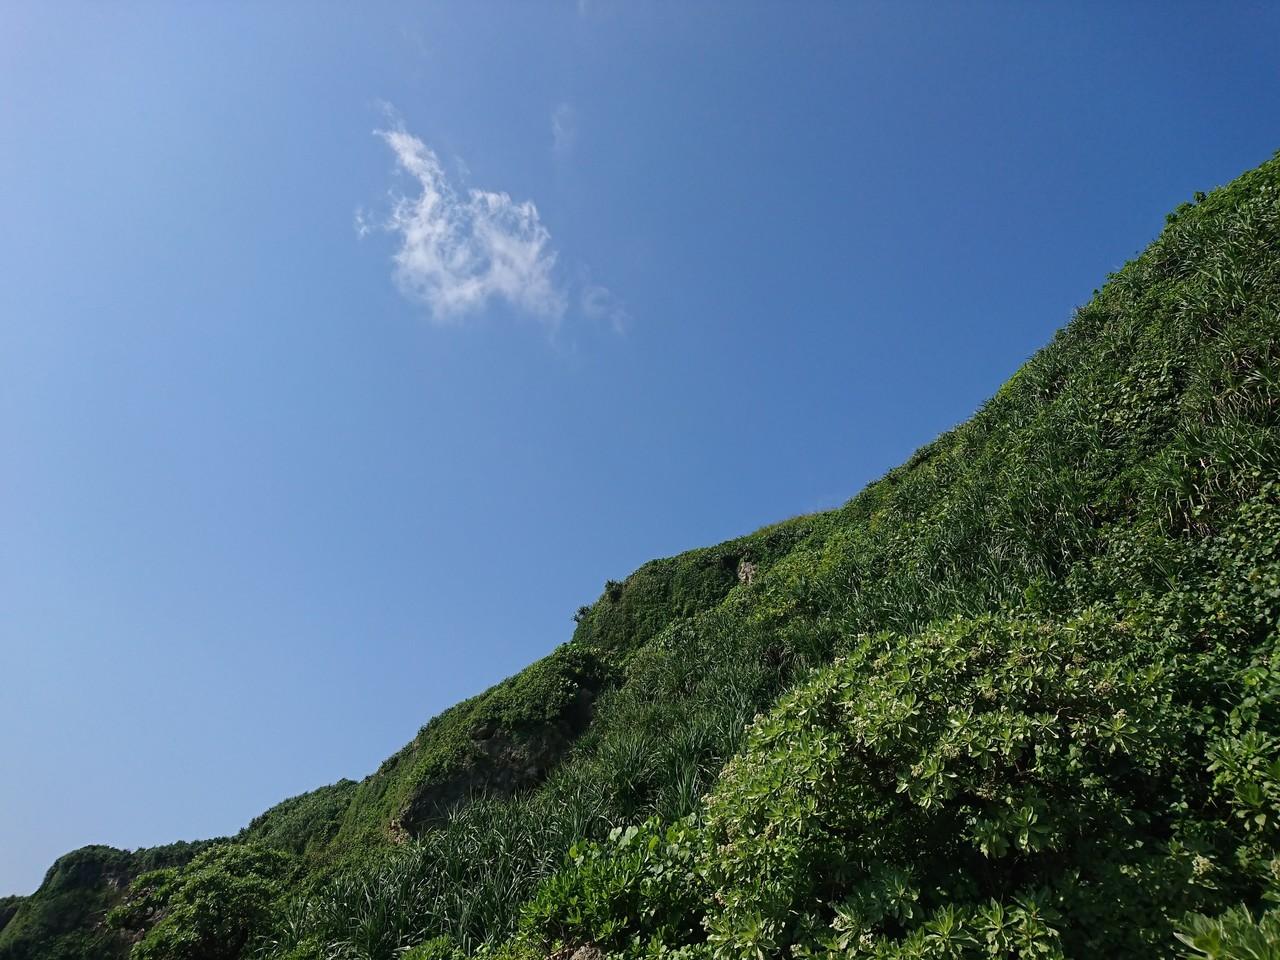 昨日、40メートルの崖道を下って、カーナカユナガーへ。 苦行とゆーか、修行とゆーか、調査なんだけど、天気良すぎて死ねた(笑)